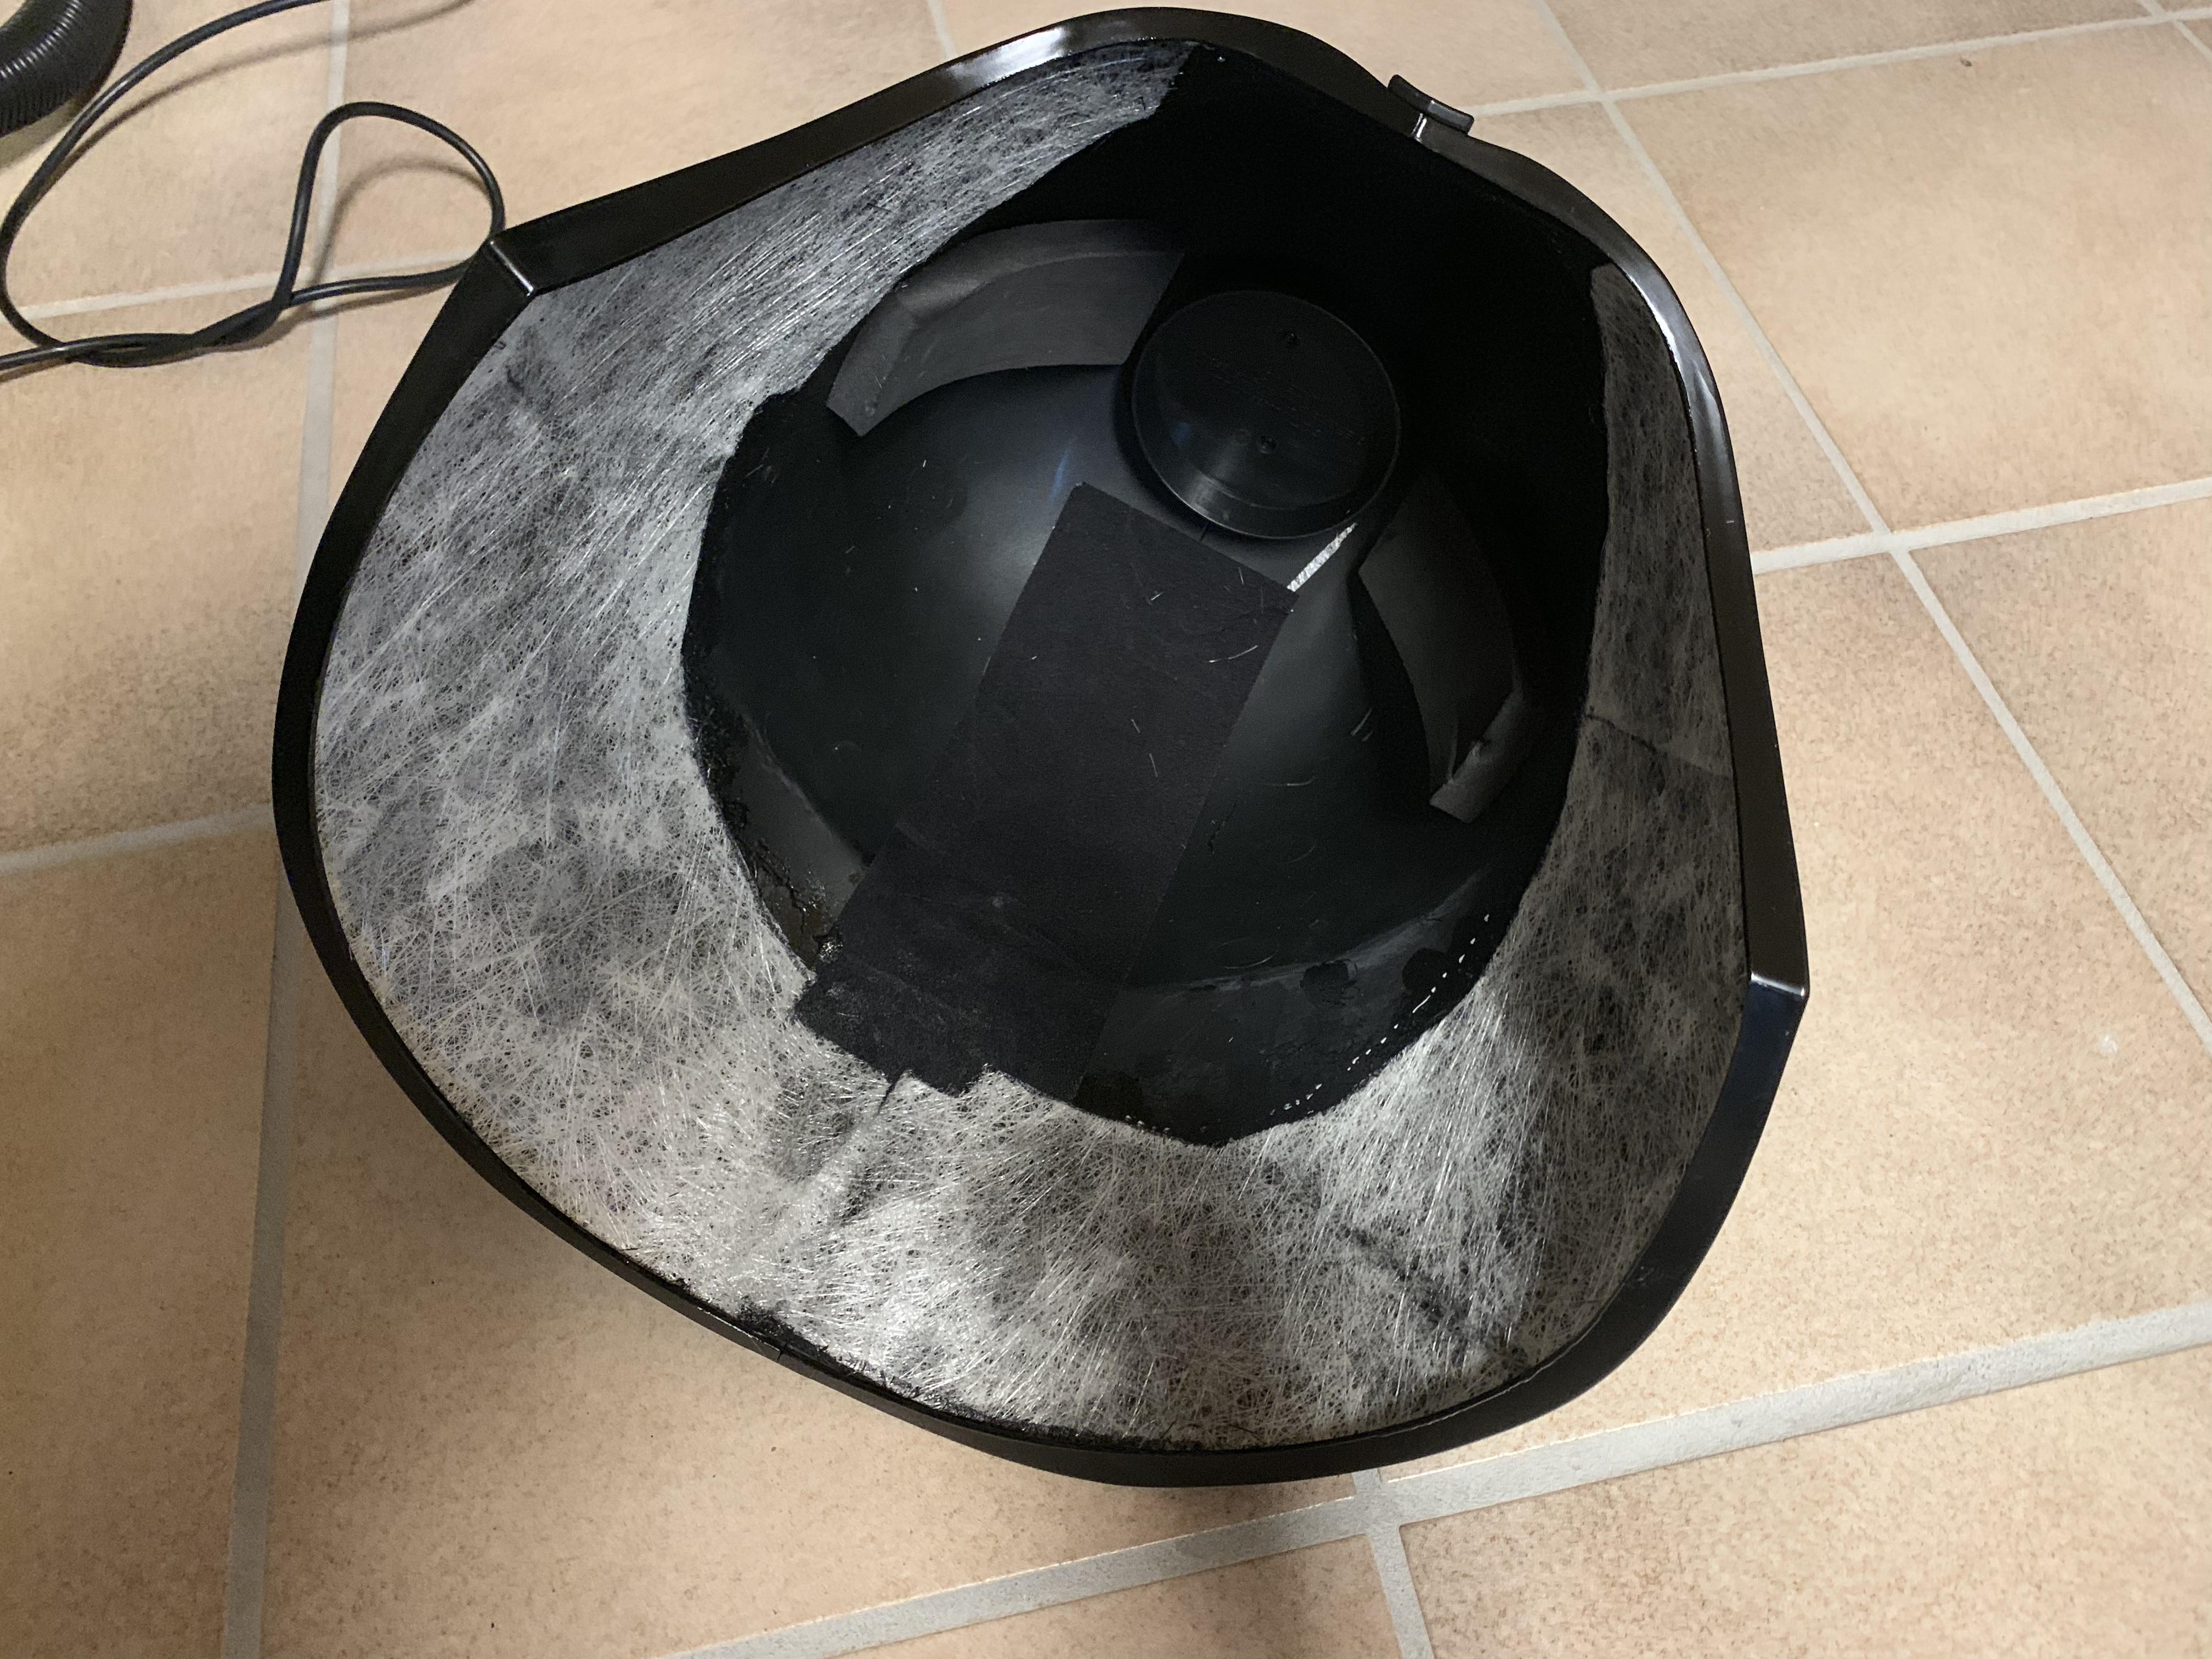 s438647550.online.de/PICS/0719_Helmet_1.JPG